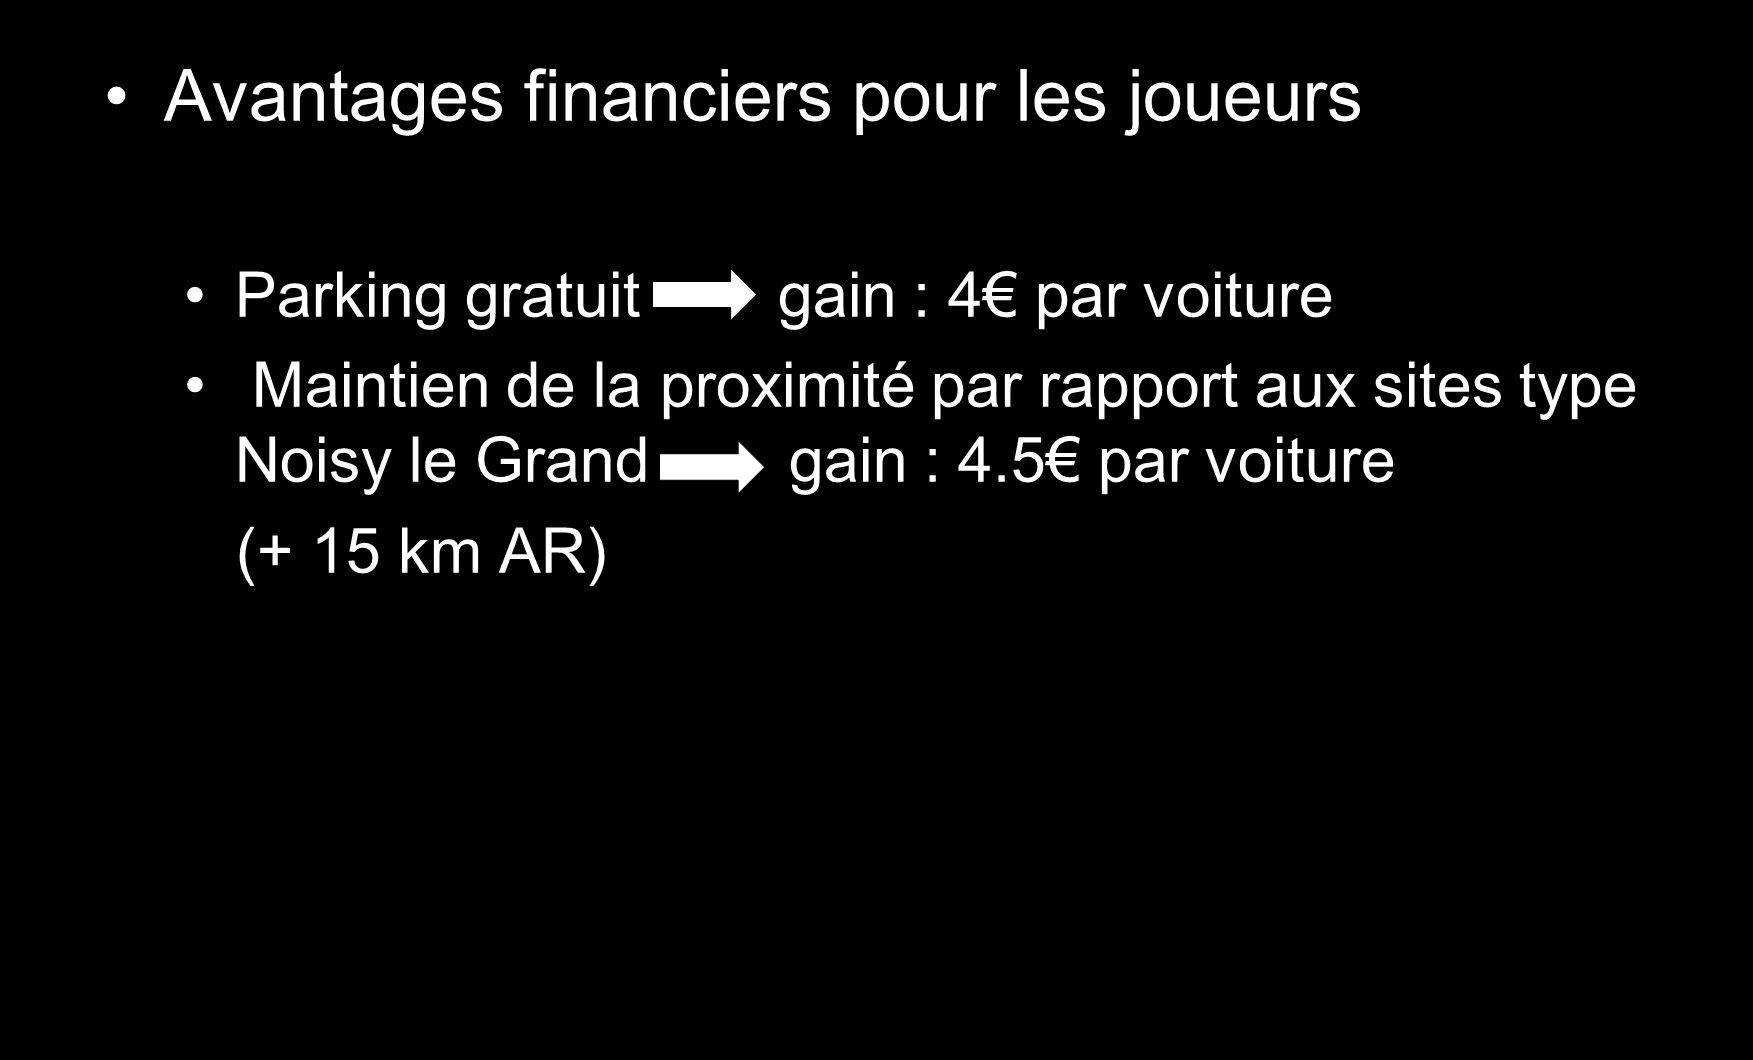 Avantages financiers pour les joueurs Parking gratuit gain : 4 par voiture Maintien de la proximité par rapport aux sites type Noisy le Grand gain : 4